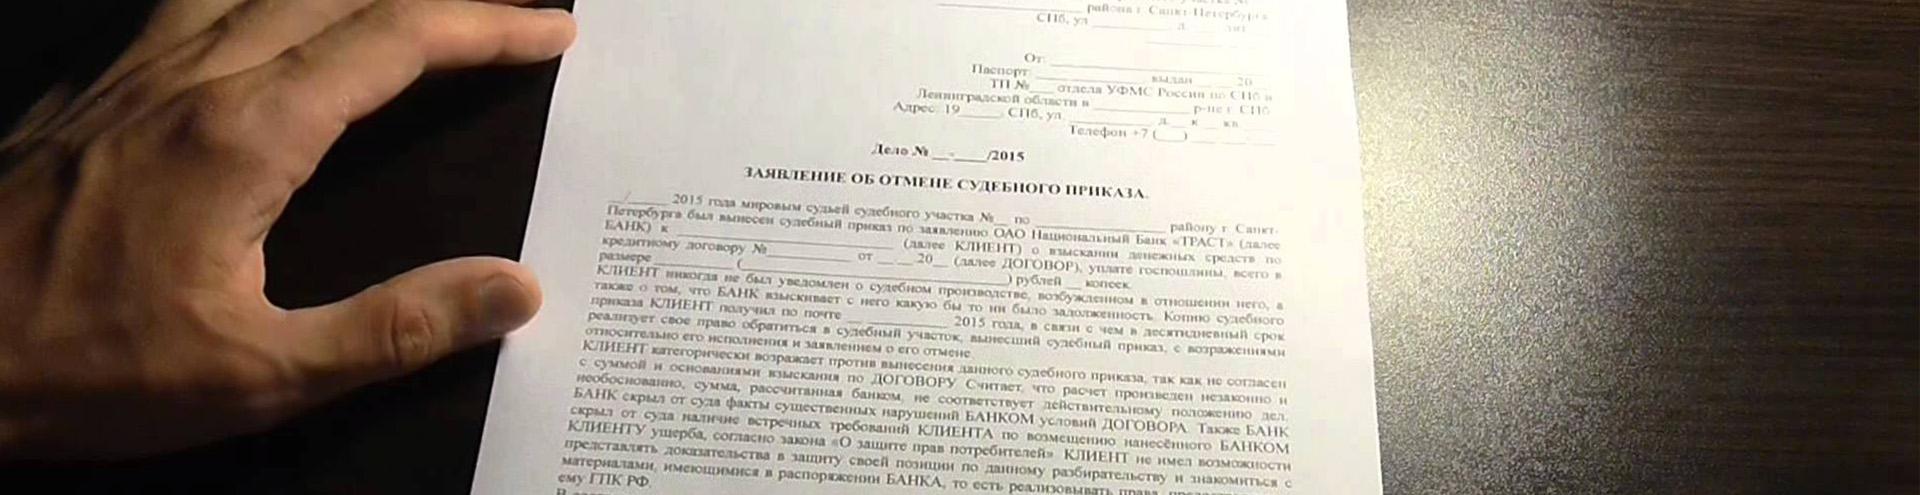 отмена судебного приказа в Нижнем Новгороде и Нижегородской области